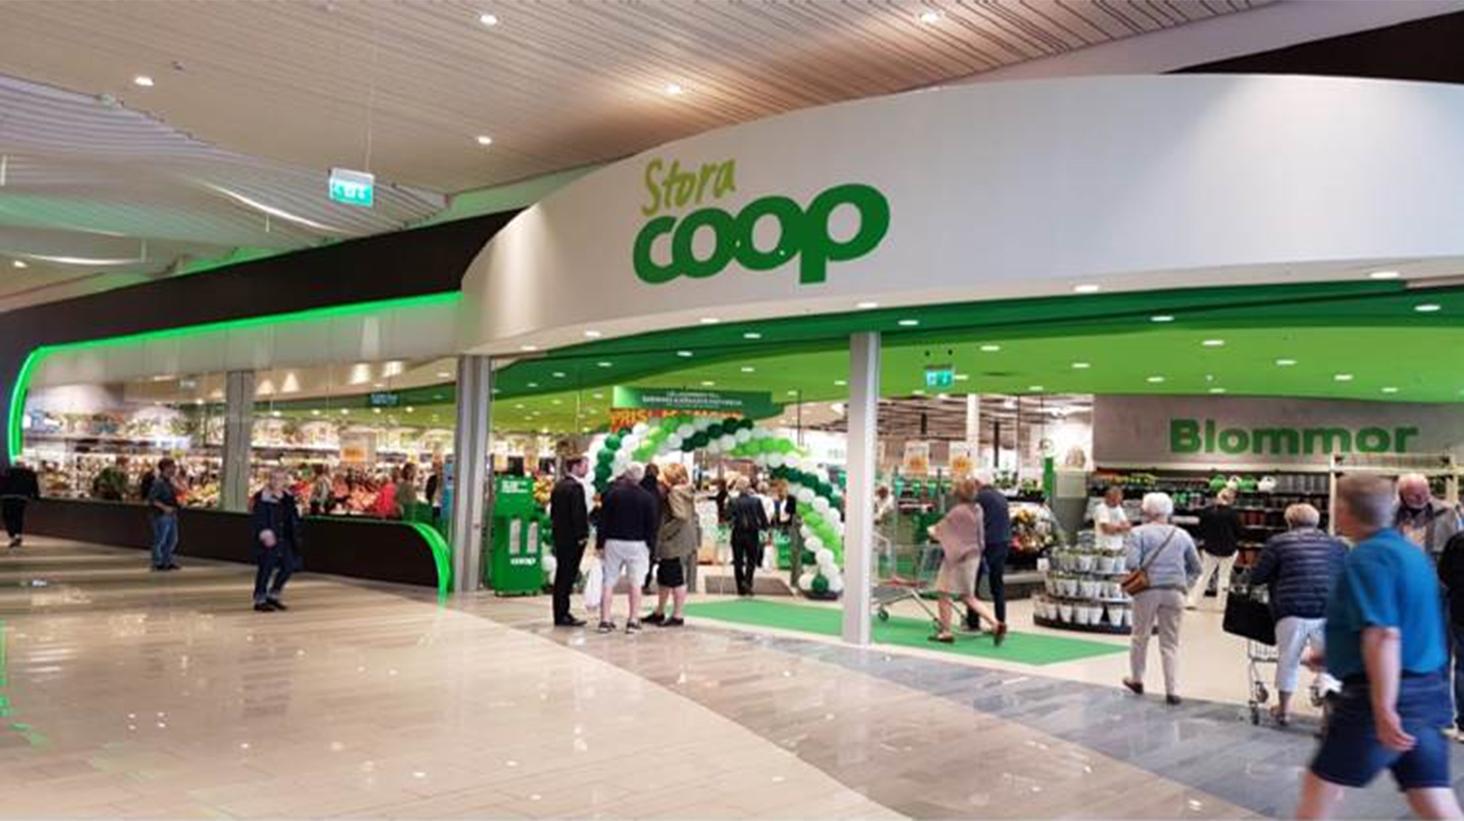 Coop satsar i Spånga – klartecken för etablering av Stora Coop